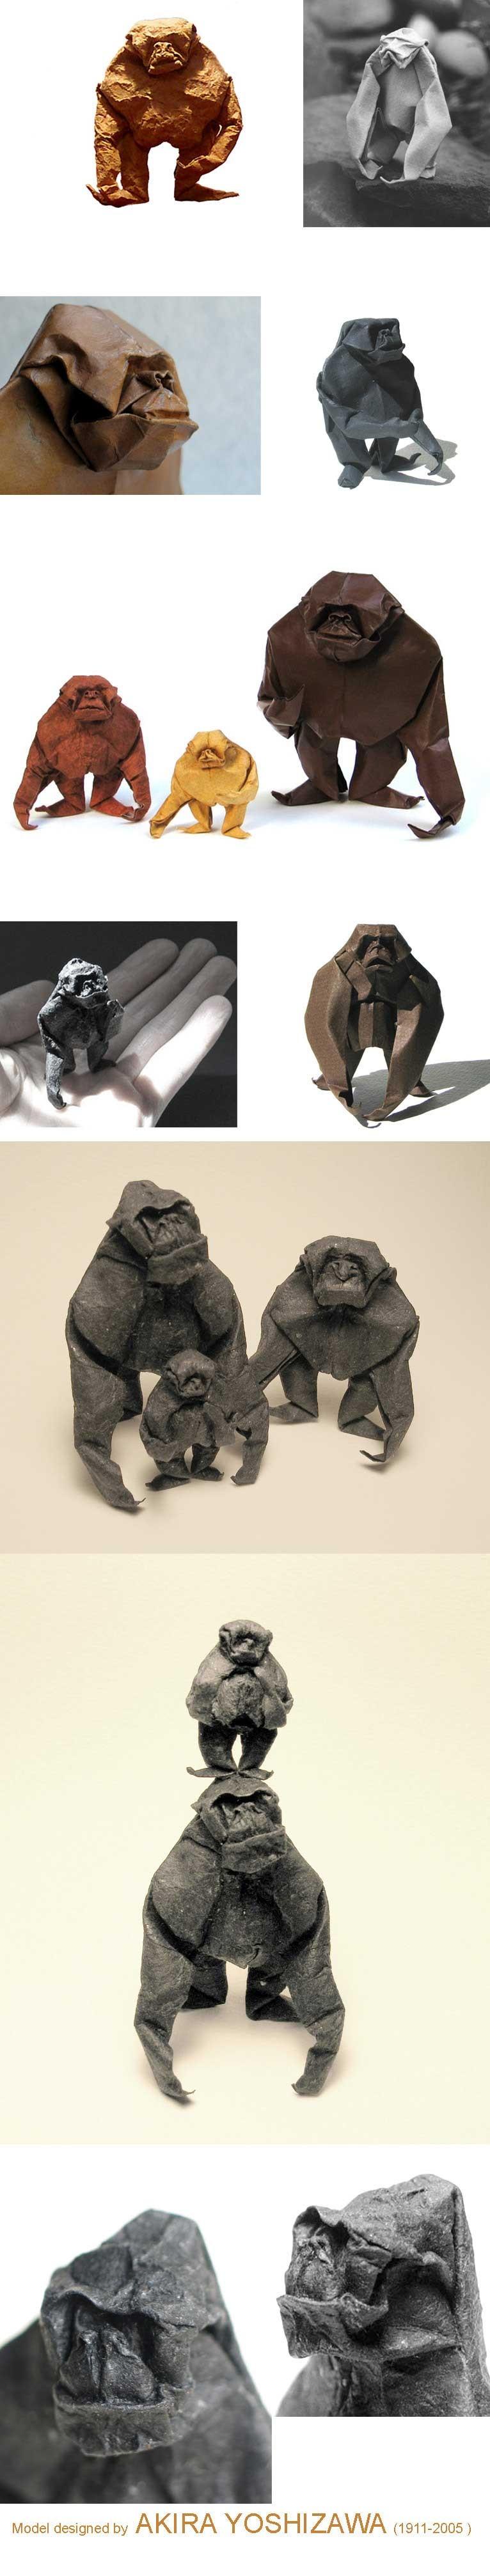 AkiraYoshizawa-Gorillas